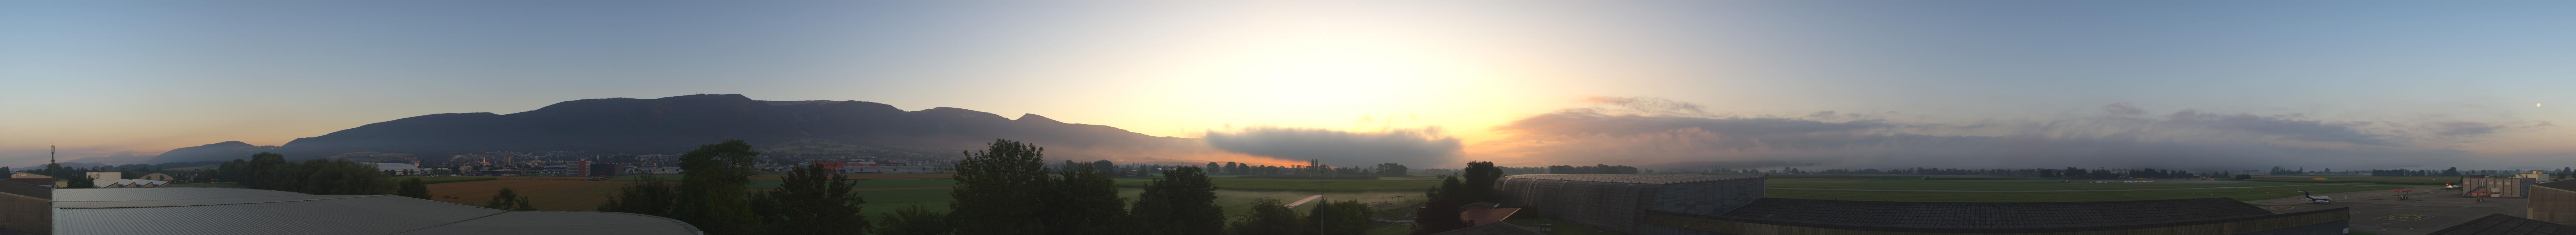 38h ago - 06:35